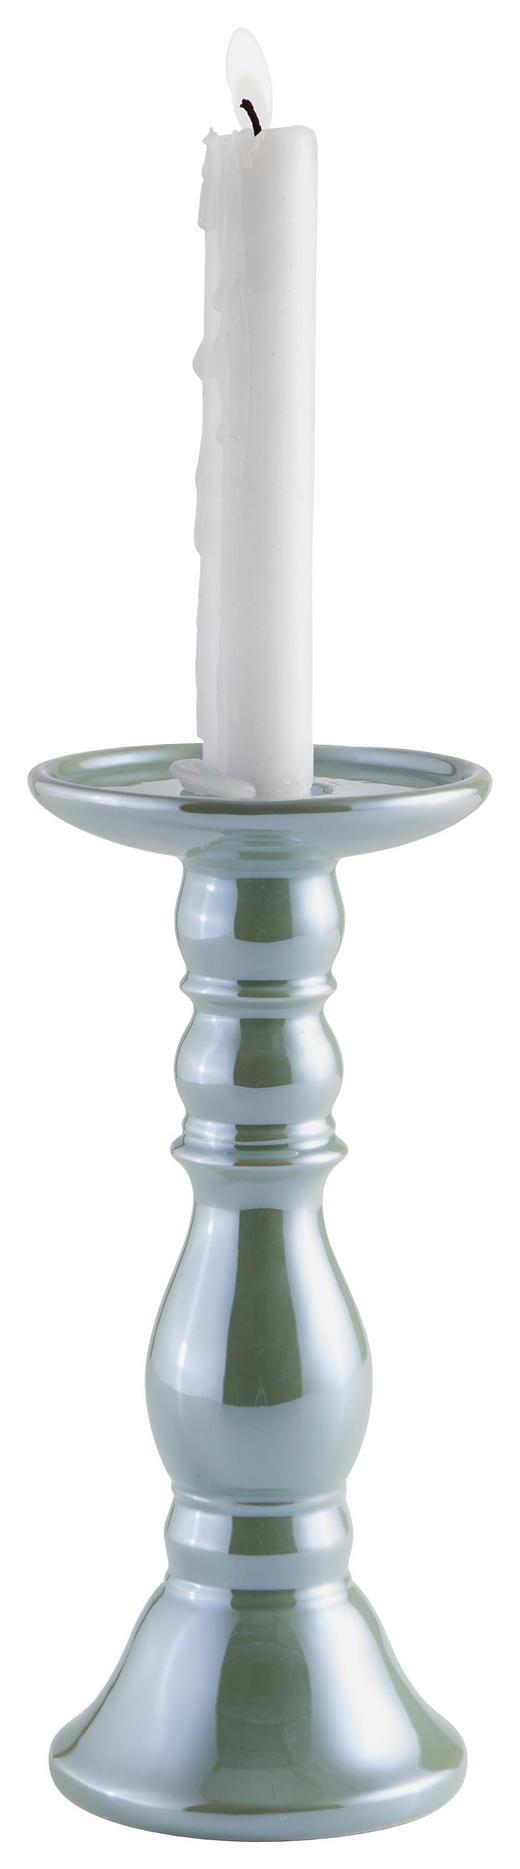 KERZENHALTER - Mintgrün, Basics, Keramik (11/24,5cm) - Ambia Home